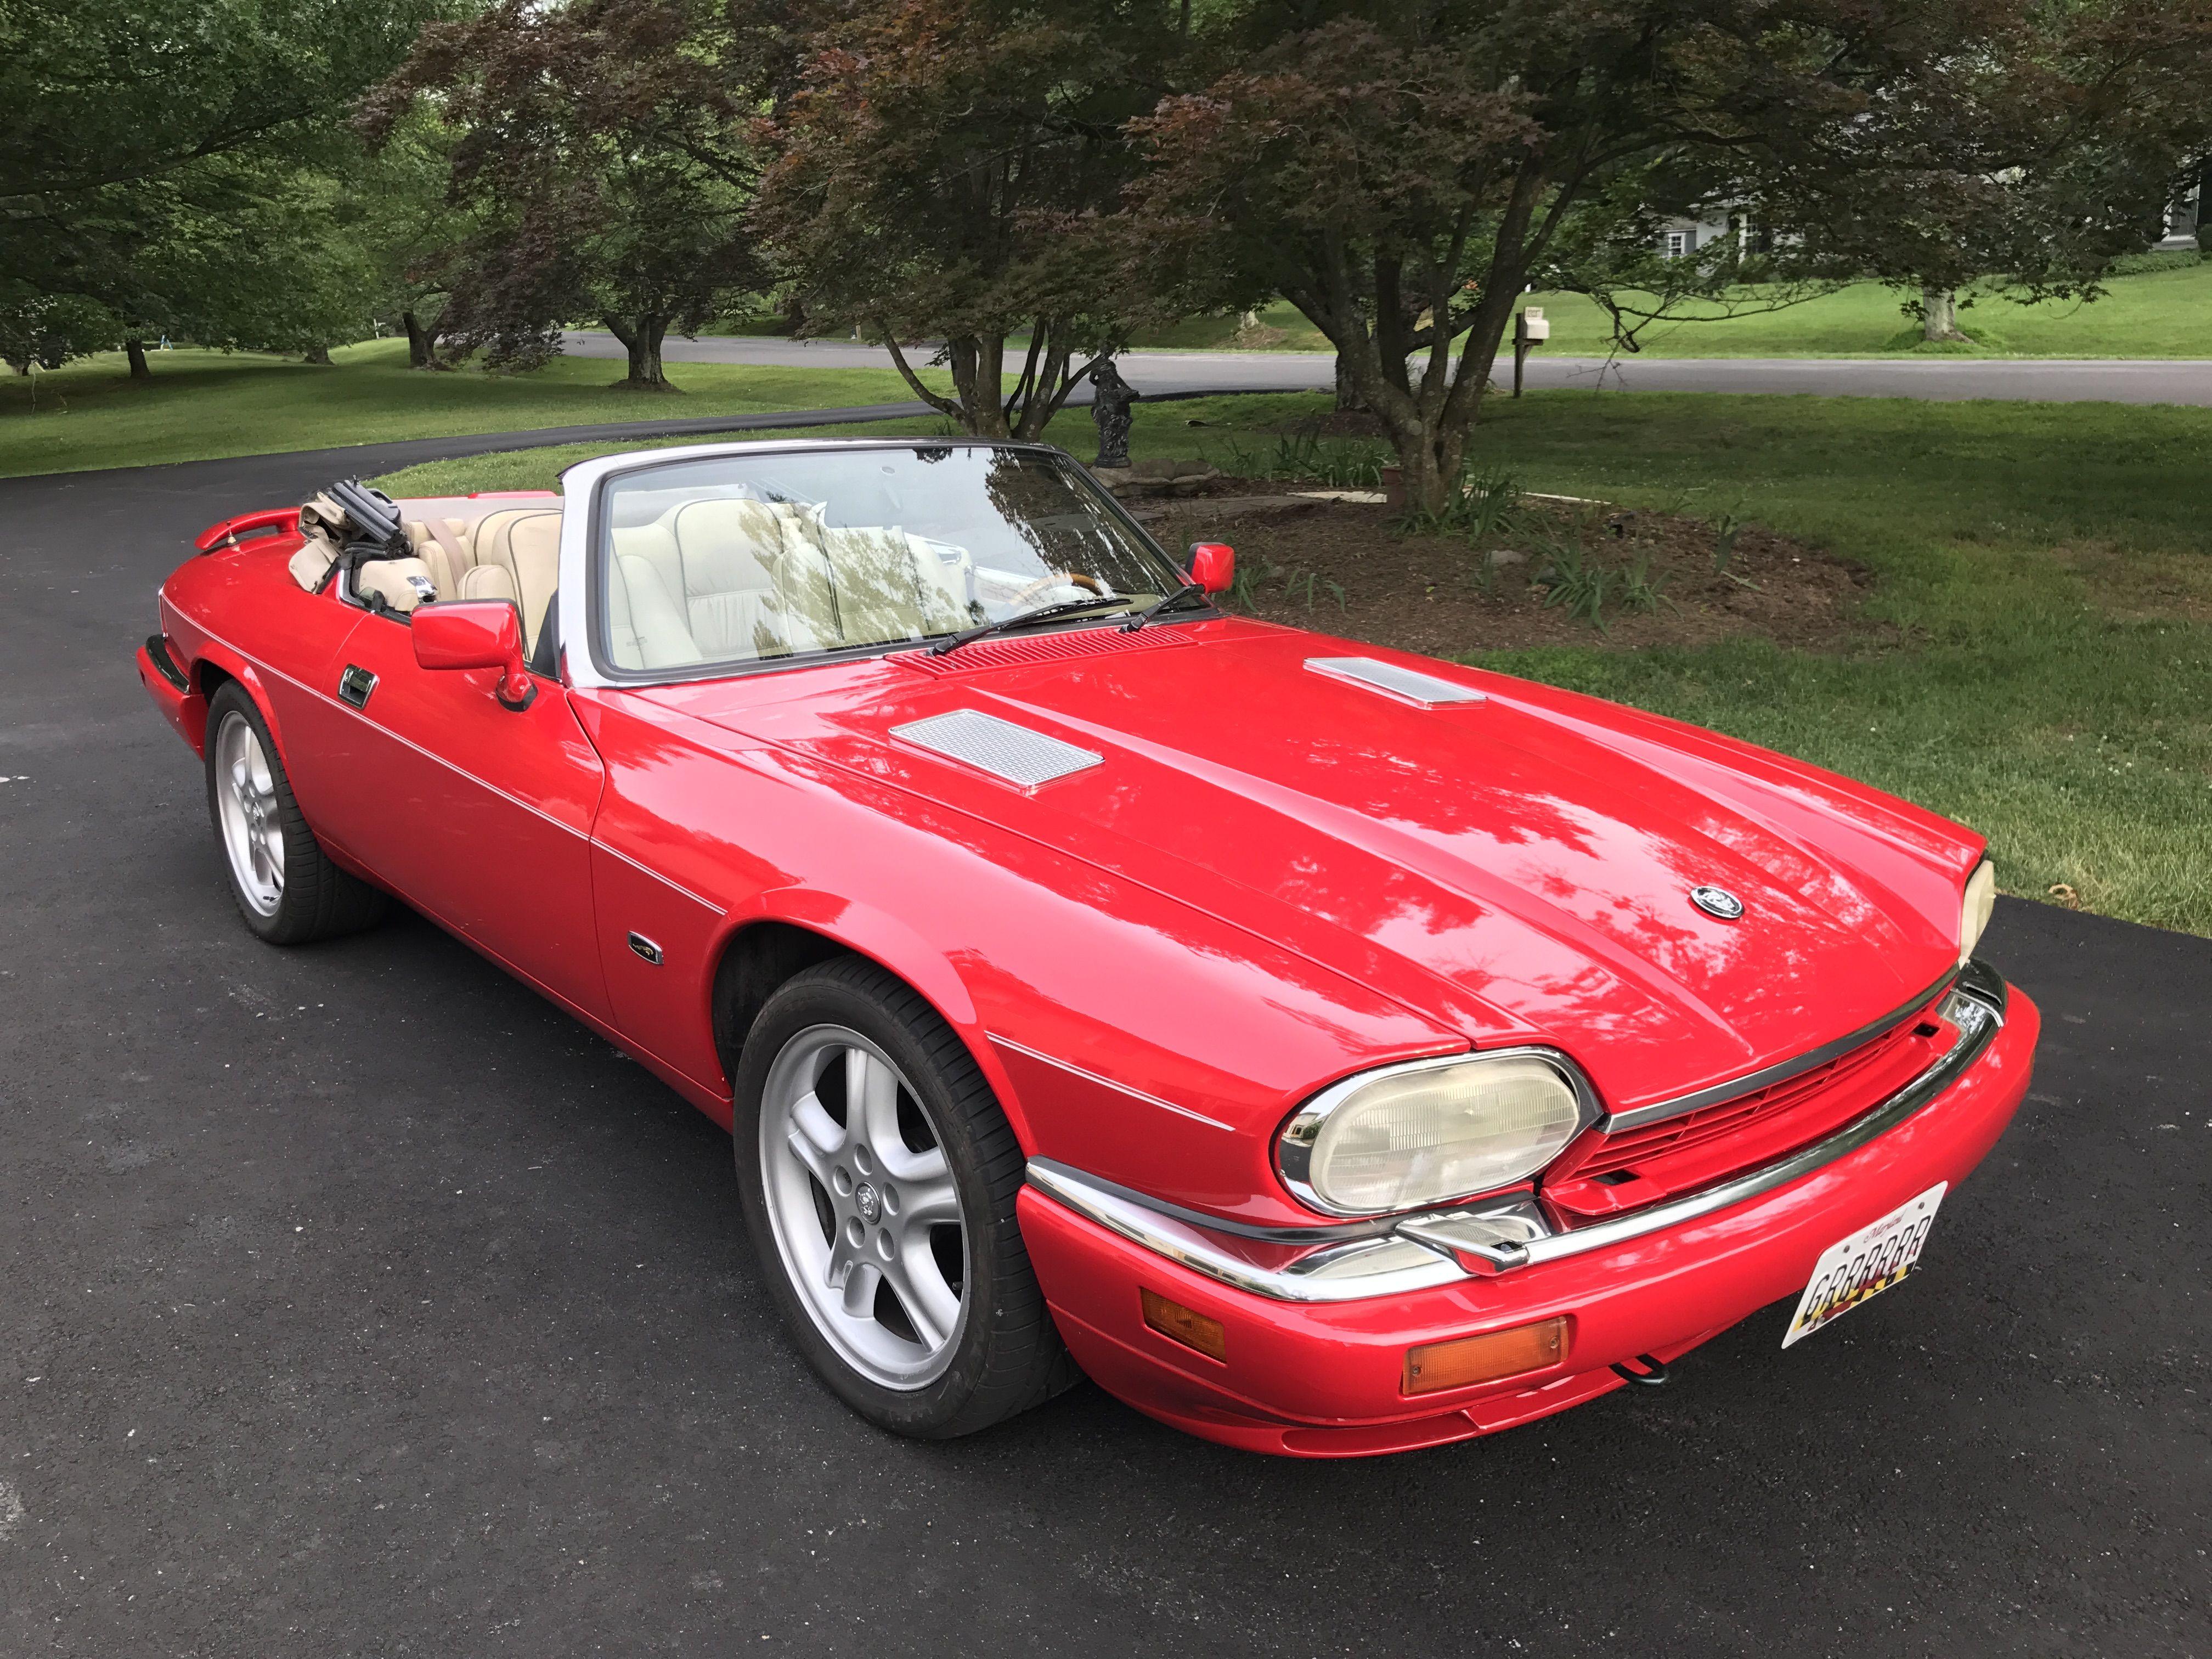 My 1994 Jaguar Xjs V12 Freshly Painted In Brilliant Red Jaguar Car Jaguar Xjs Convertible Jaguar